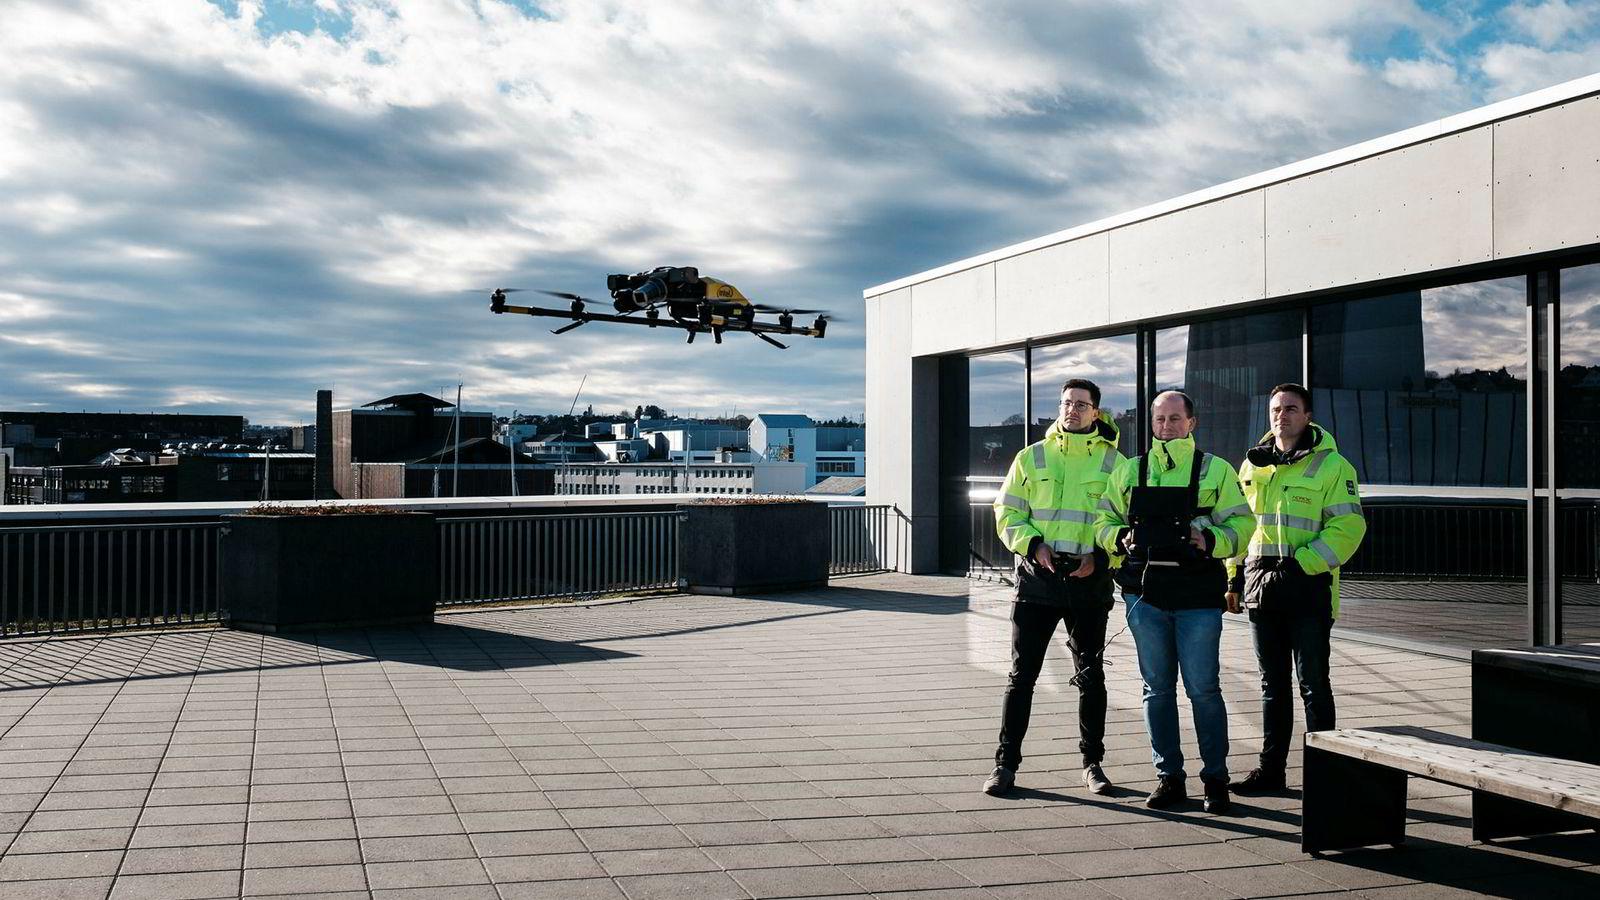 Nordic Unmanned har utviklet sin egen drone, men storkontrakten skal flys med mye større, innkjøpte droner, med rekkevidde på 50 kilometer. Knut Roar Wiig (til høyre) leder selskapet, mens Ernst Morten Aasen (midten) er droneoperatør og trener har sammen med rådgiver Alexander Hatlestad.